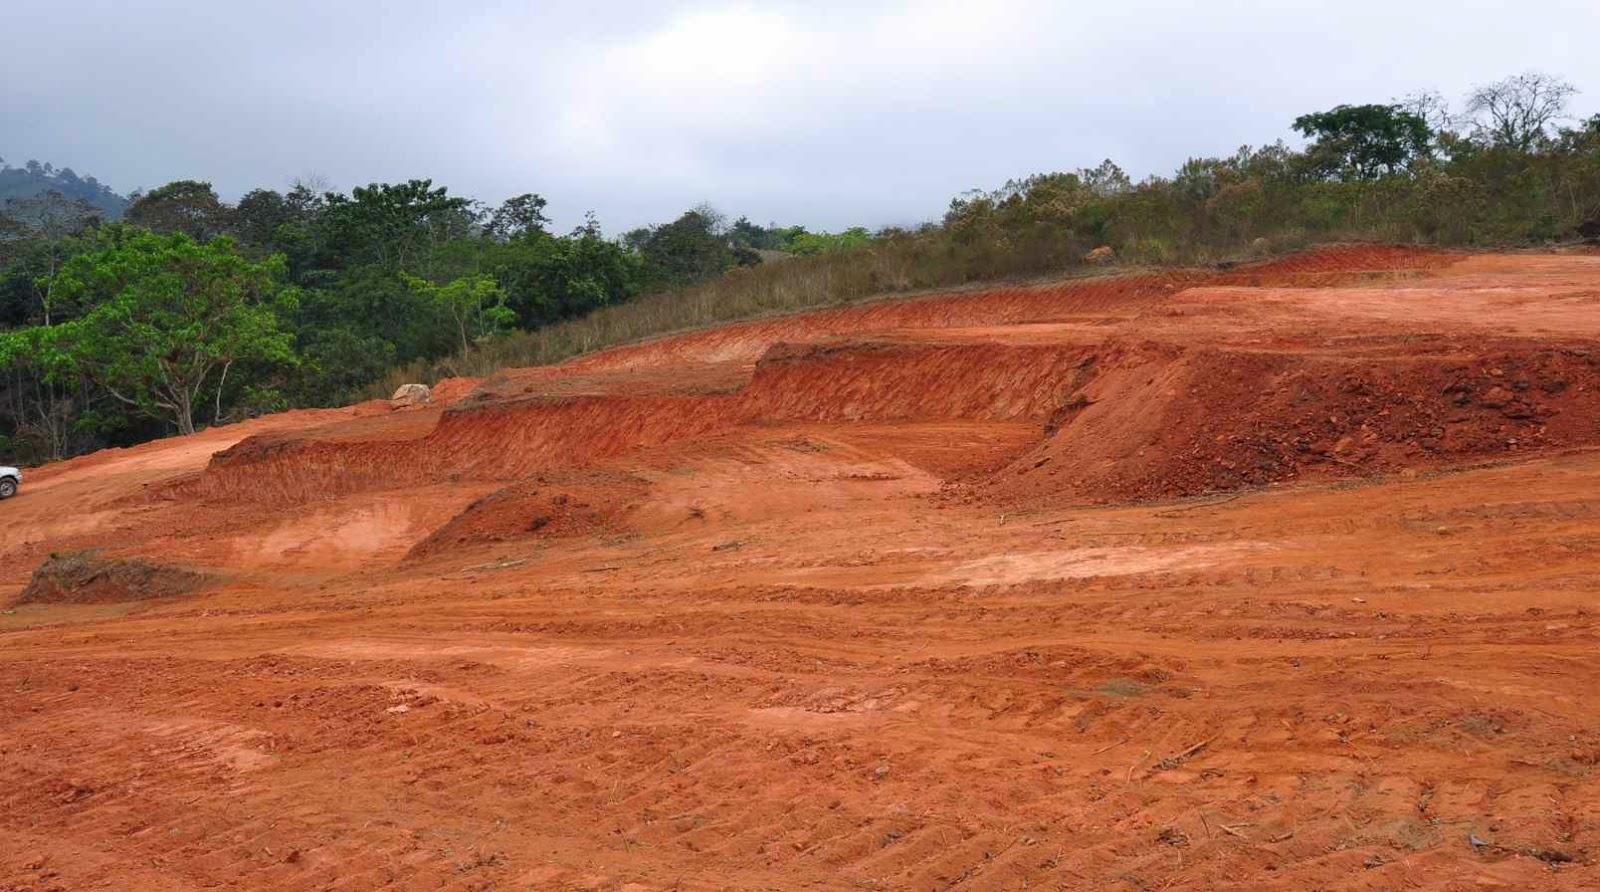 Terreno y Derecho de superficie y construccion